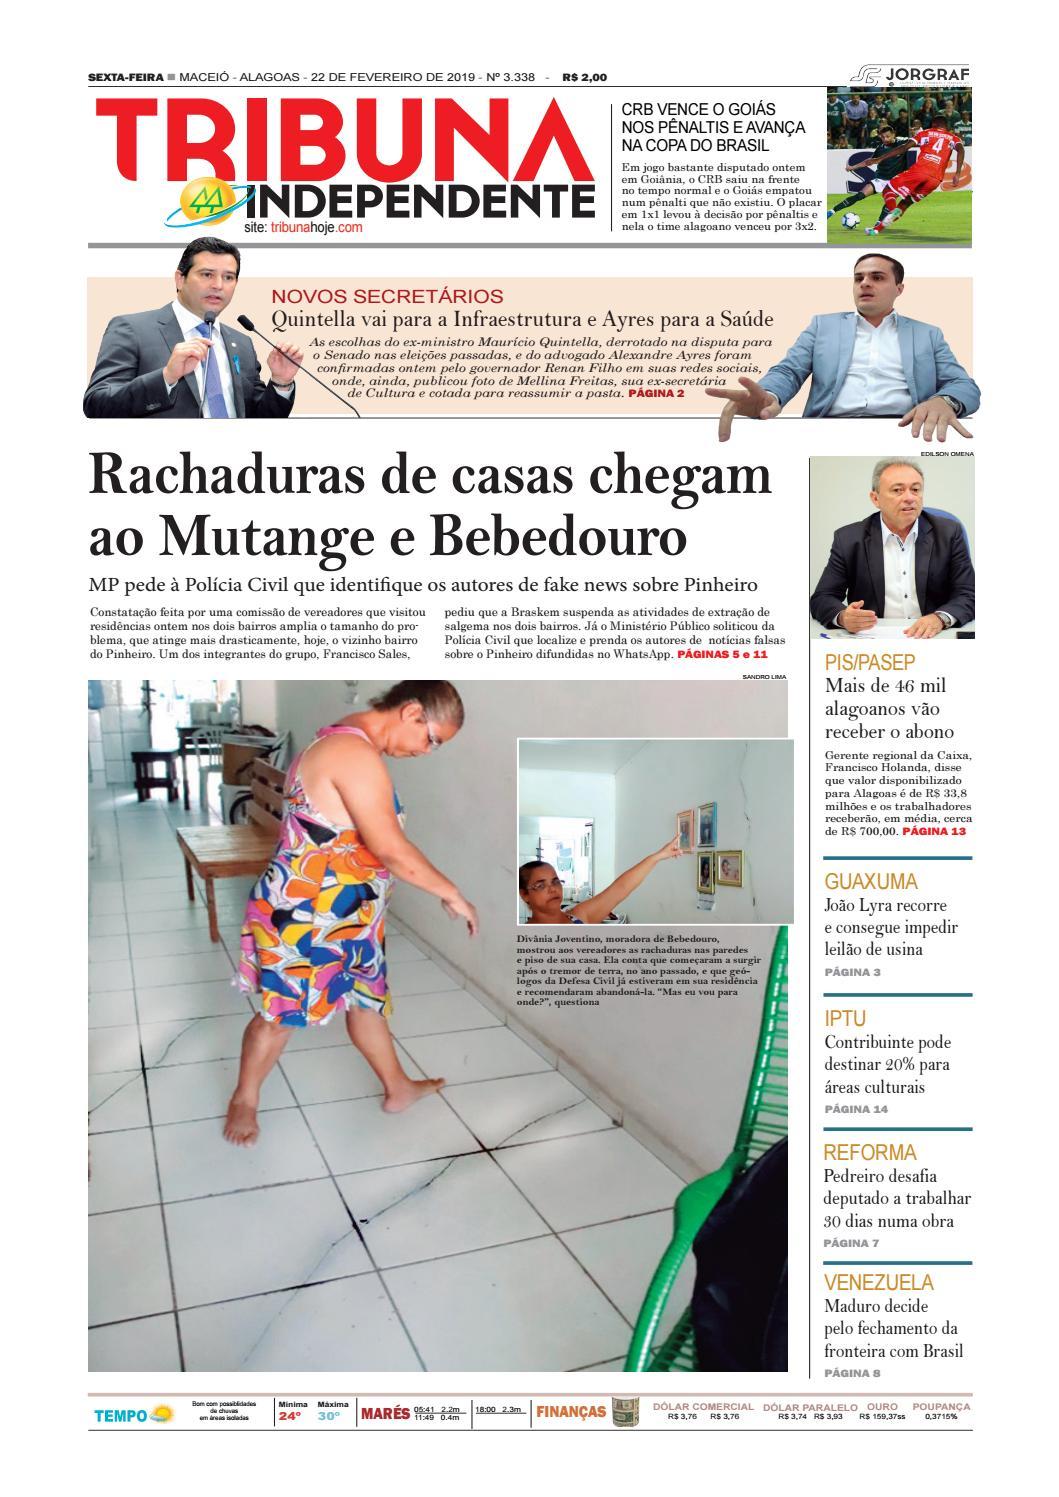 d85b5464db8 Edição número 3338 - 22 de fevereiro de 2019 by Tribuna Hoje - issuu